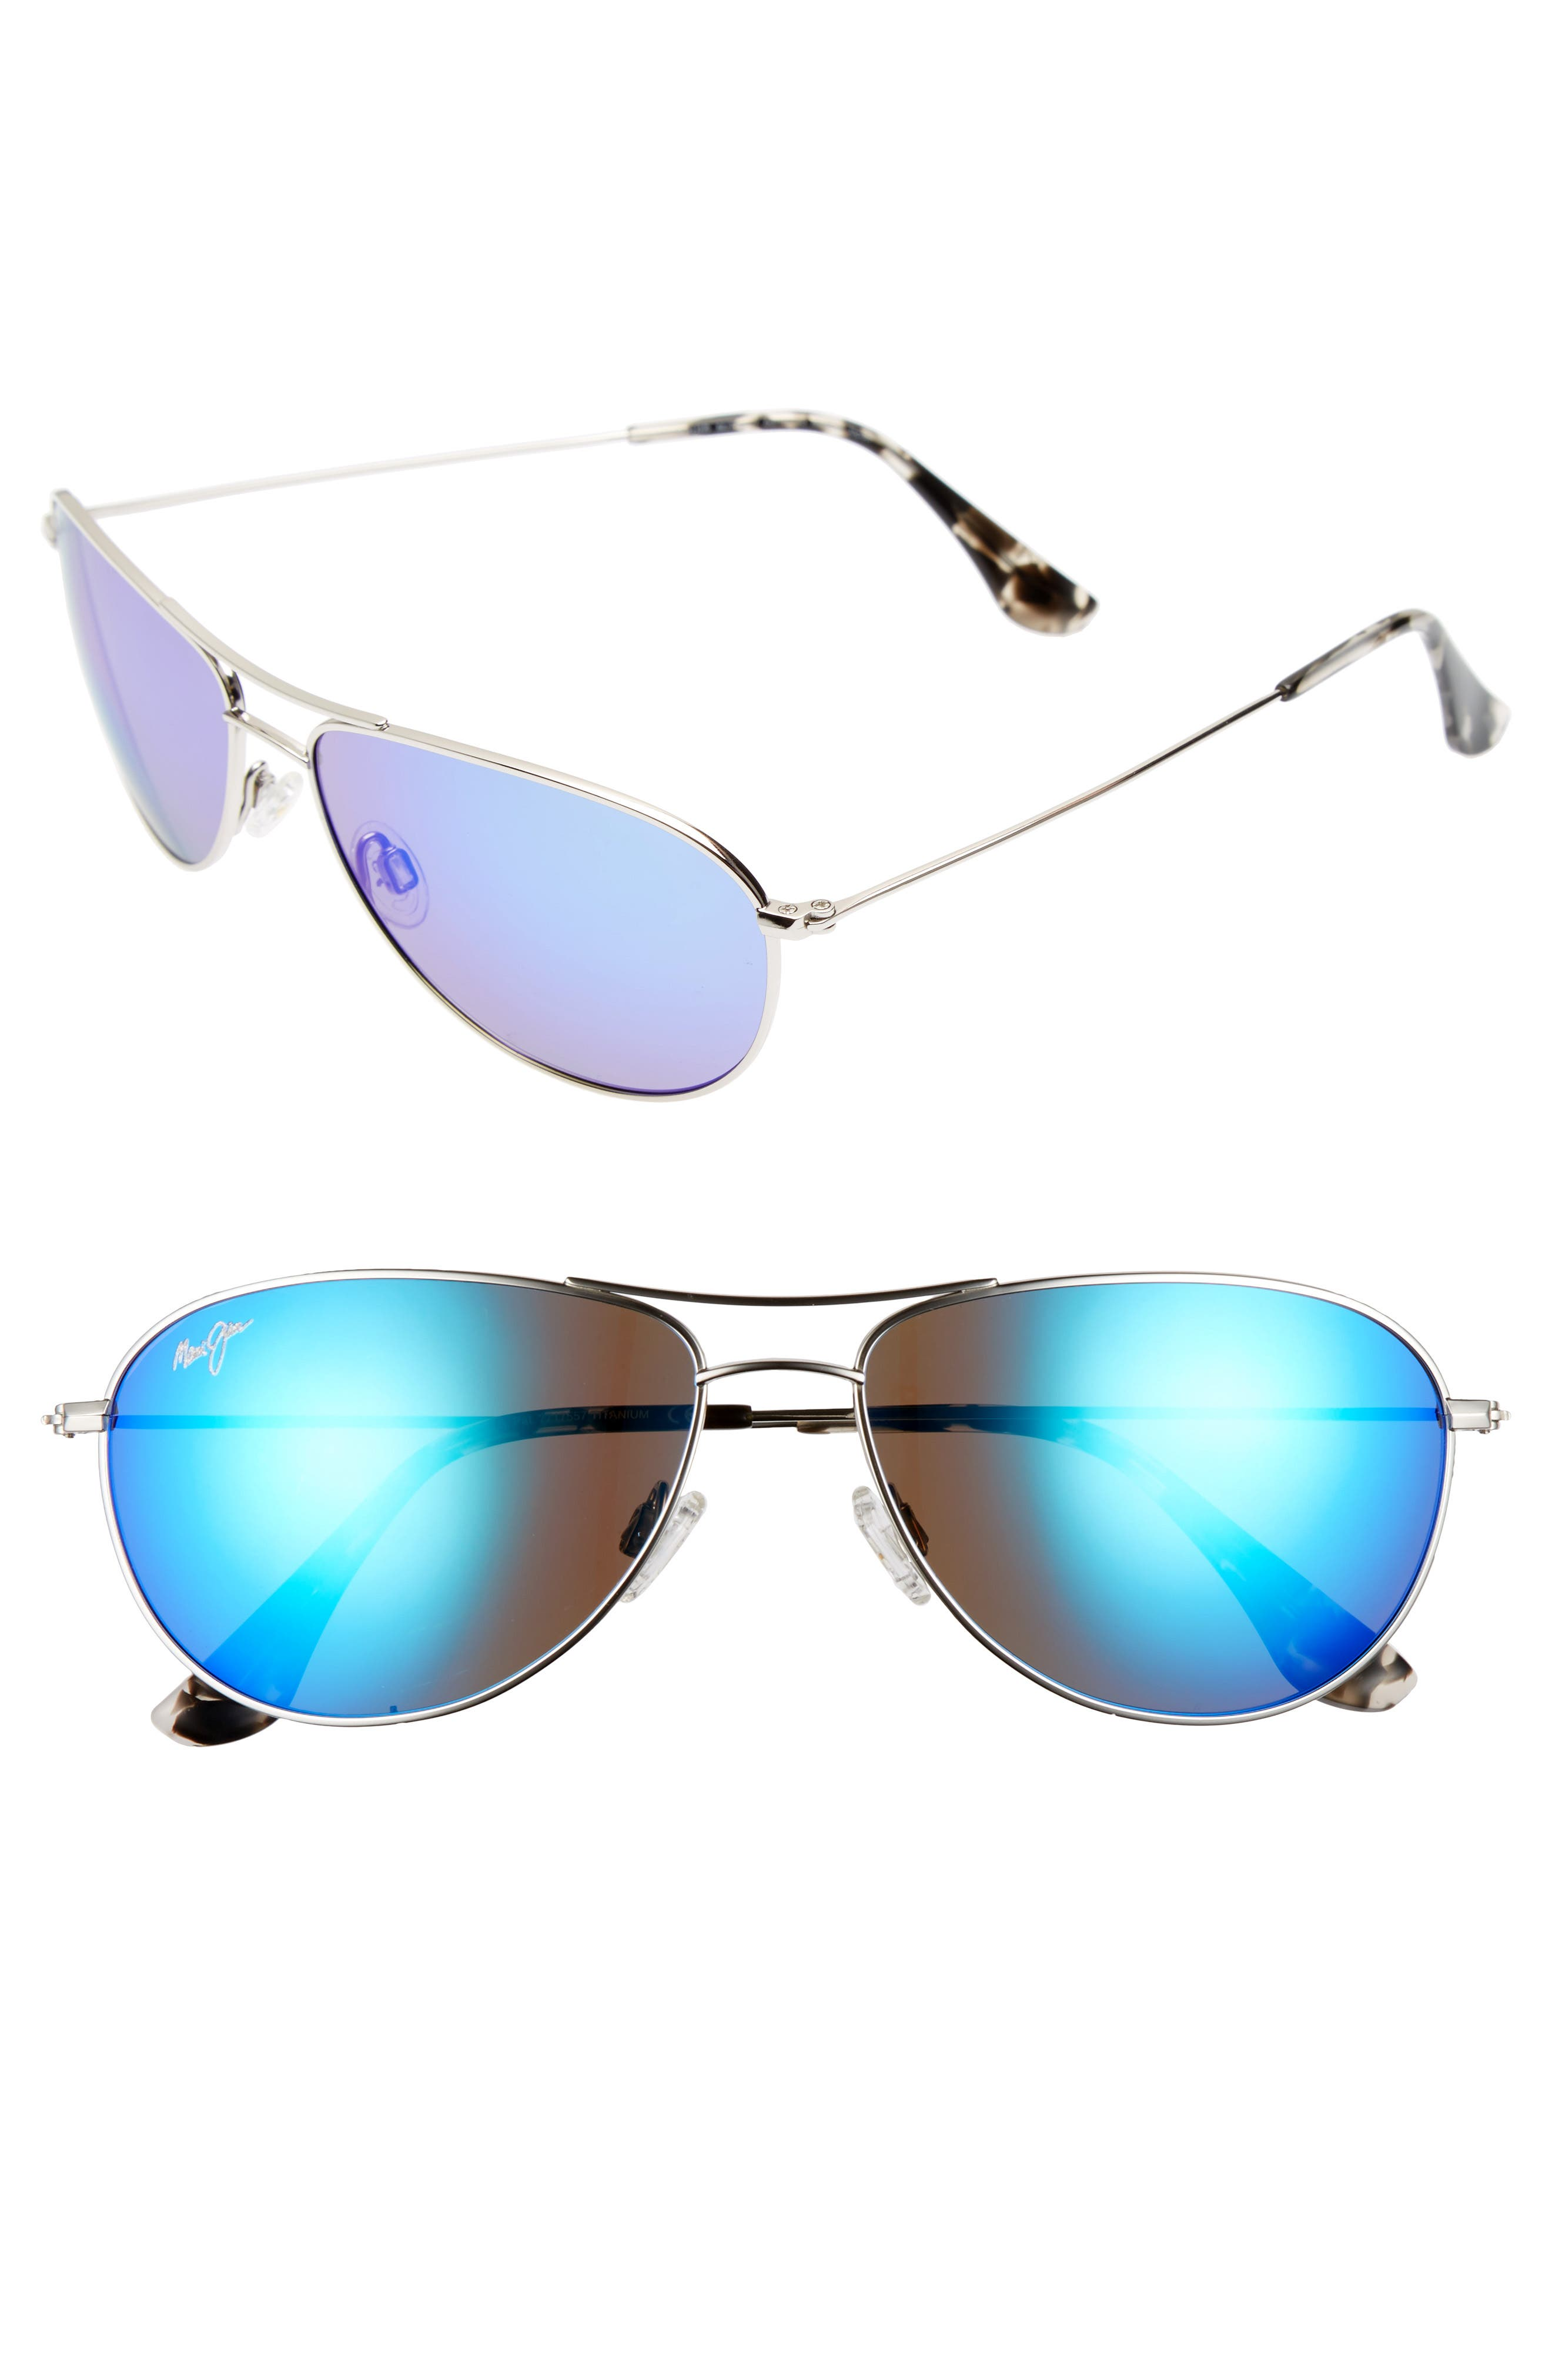 Sea House 60mm Polarized Titanium Aviator Sunglasses,                         Main,                         color, SILVER/ BLUE HAWAII